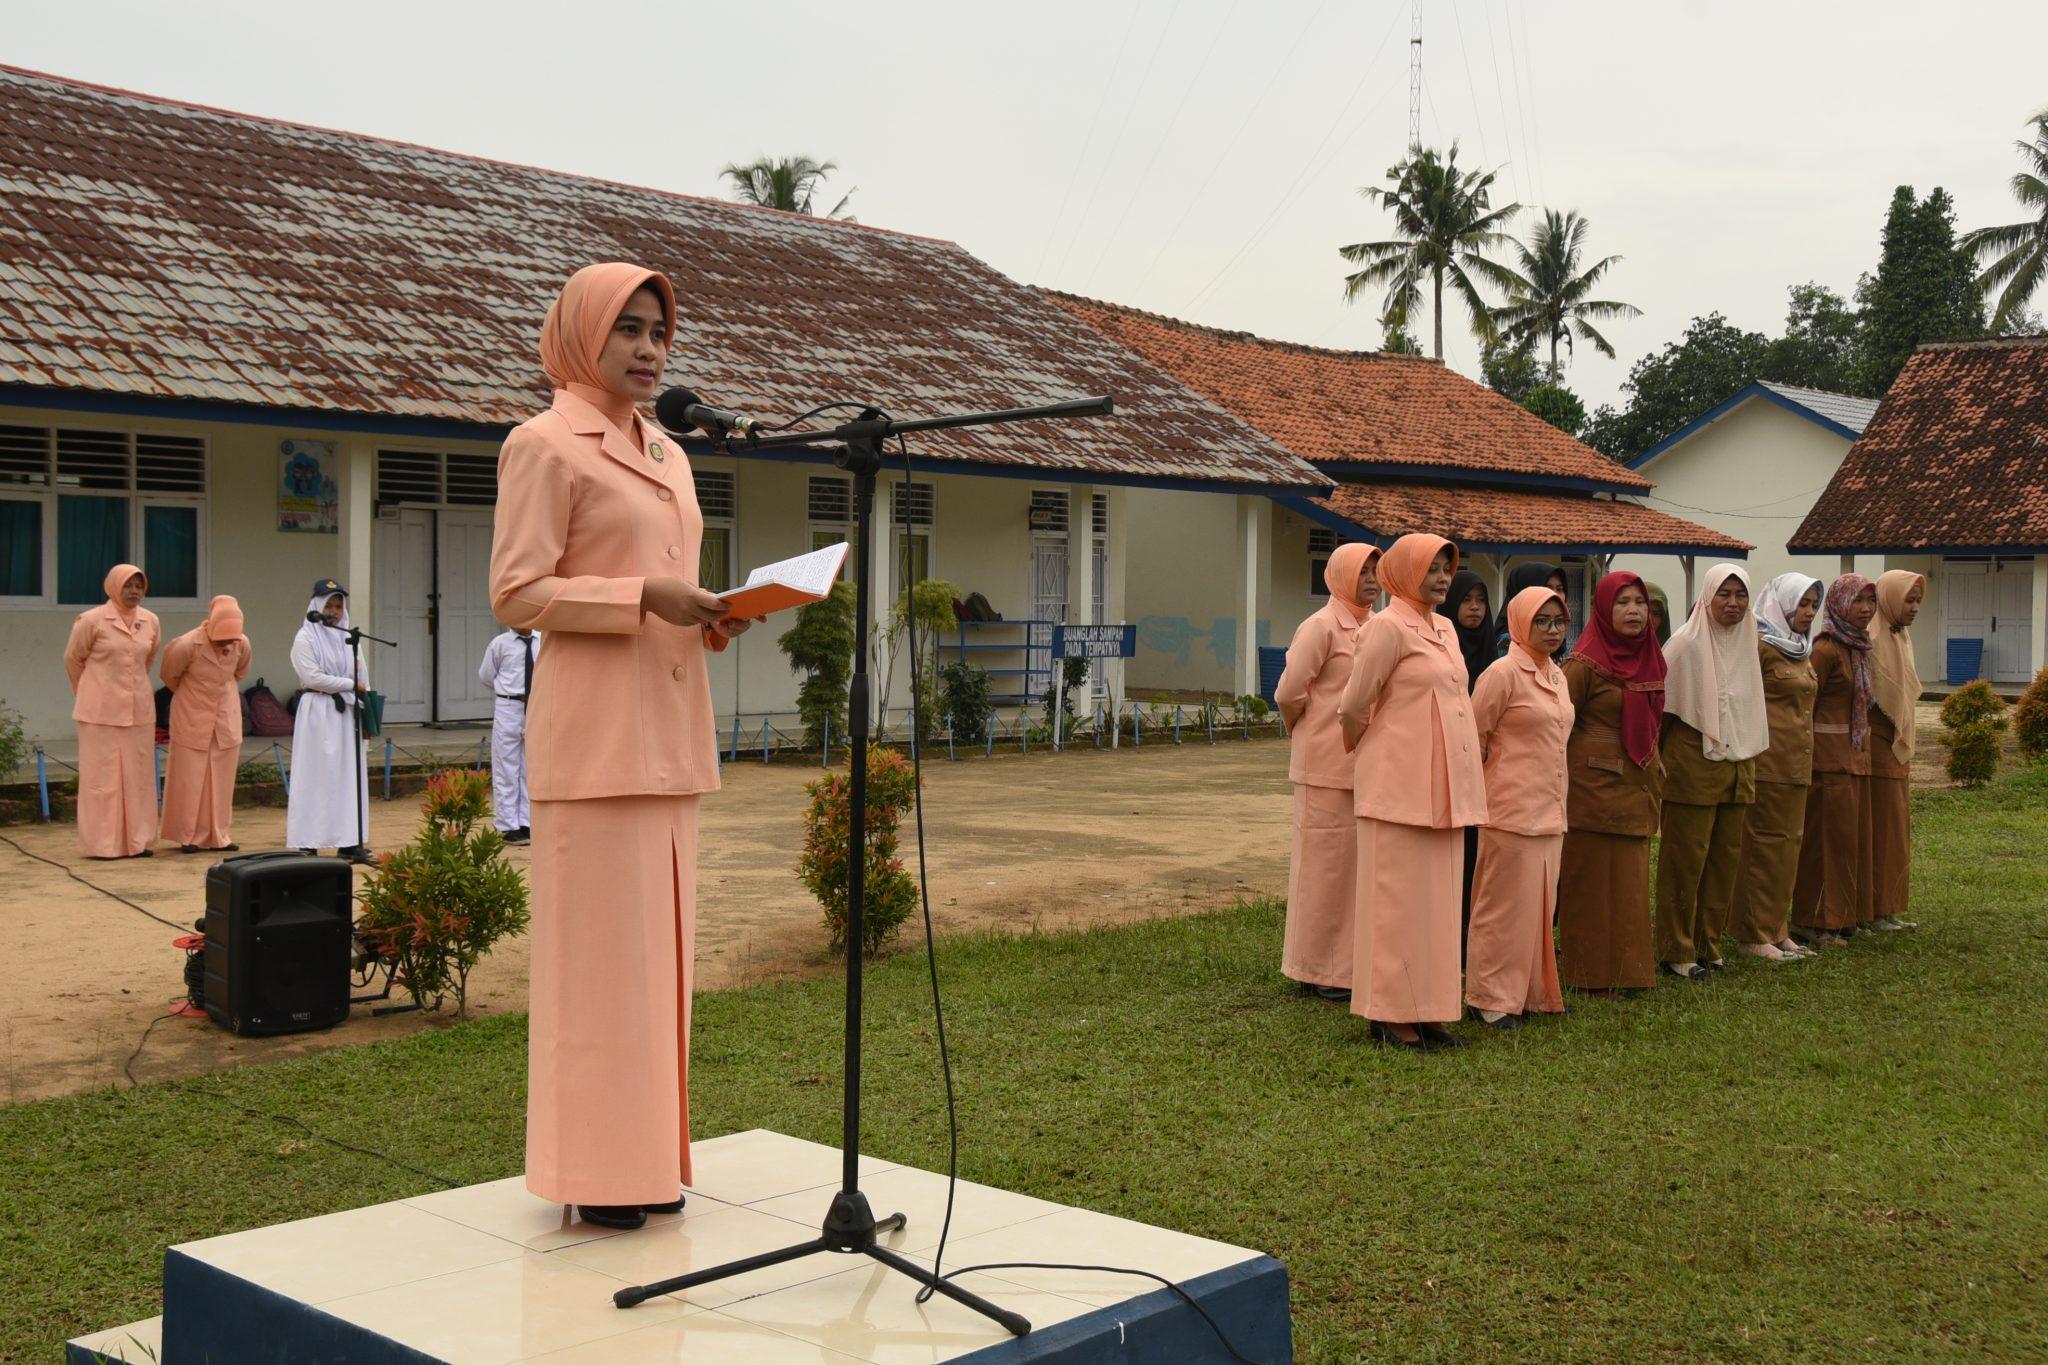 Yasarini Cabang Lanud Pangeran M. Bun Yamin Melaksanakan Serah Terima Jabatan Kepala TK dan SMP Angkasa.